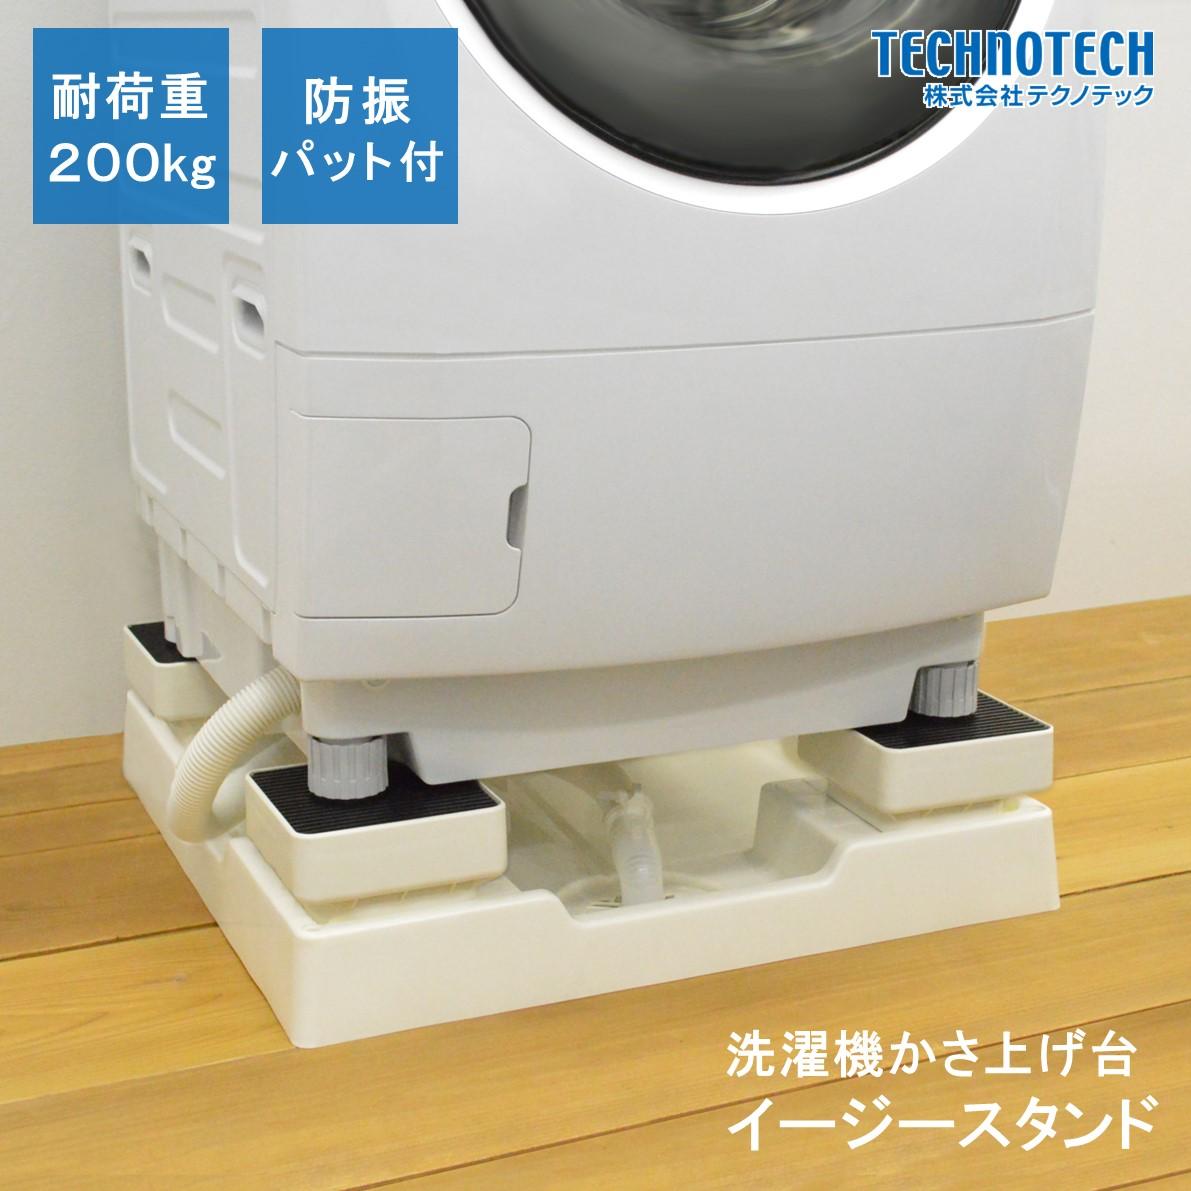 イージースタンド D77 洗濯機 かさ上げ台 置き台